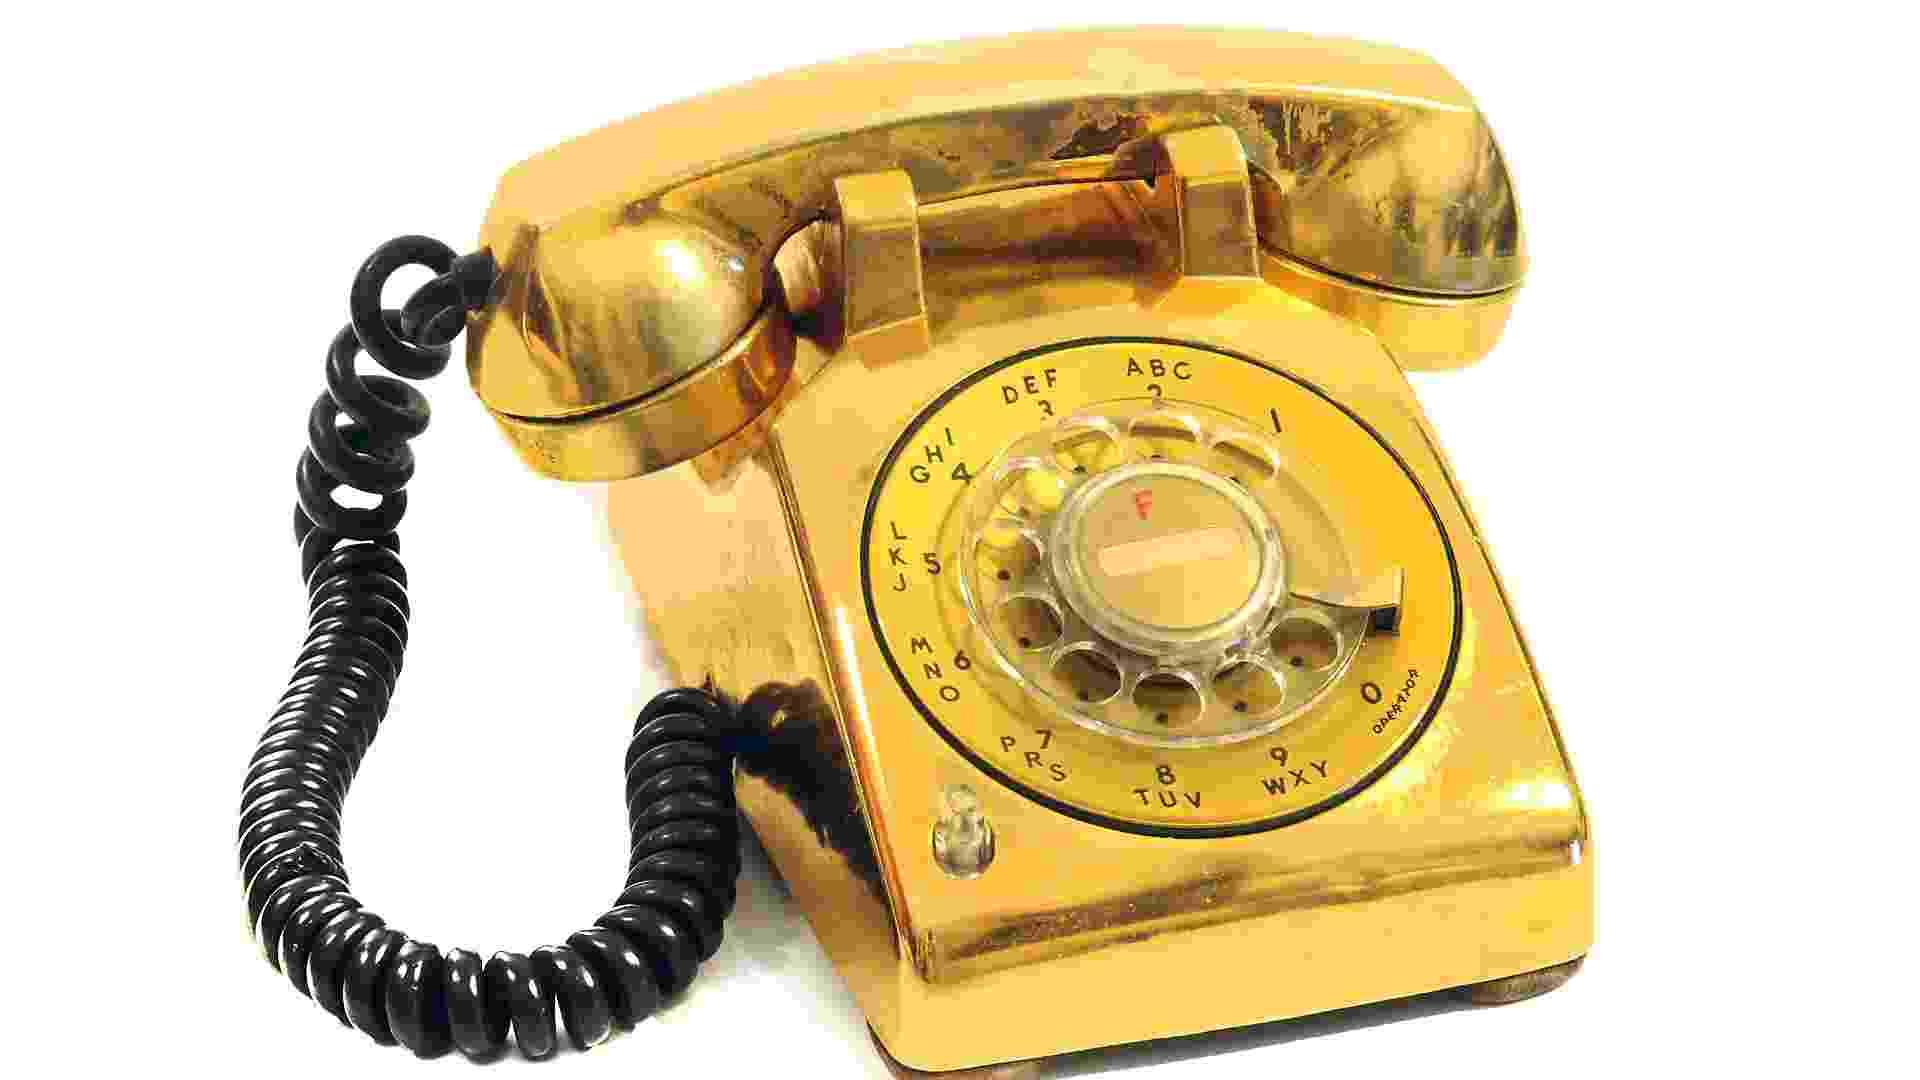 """Item da exposição """"The Elvis Experience"""", que chega ao Brasil em setembro de 2012: o telefone folheado a ouro do quarto de dormir de Elvis - Divulgação"""